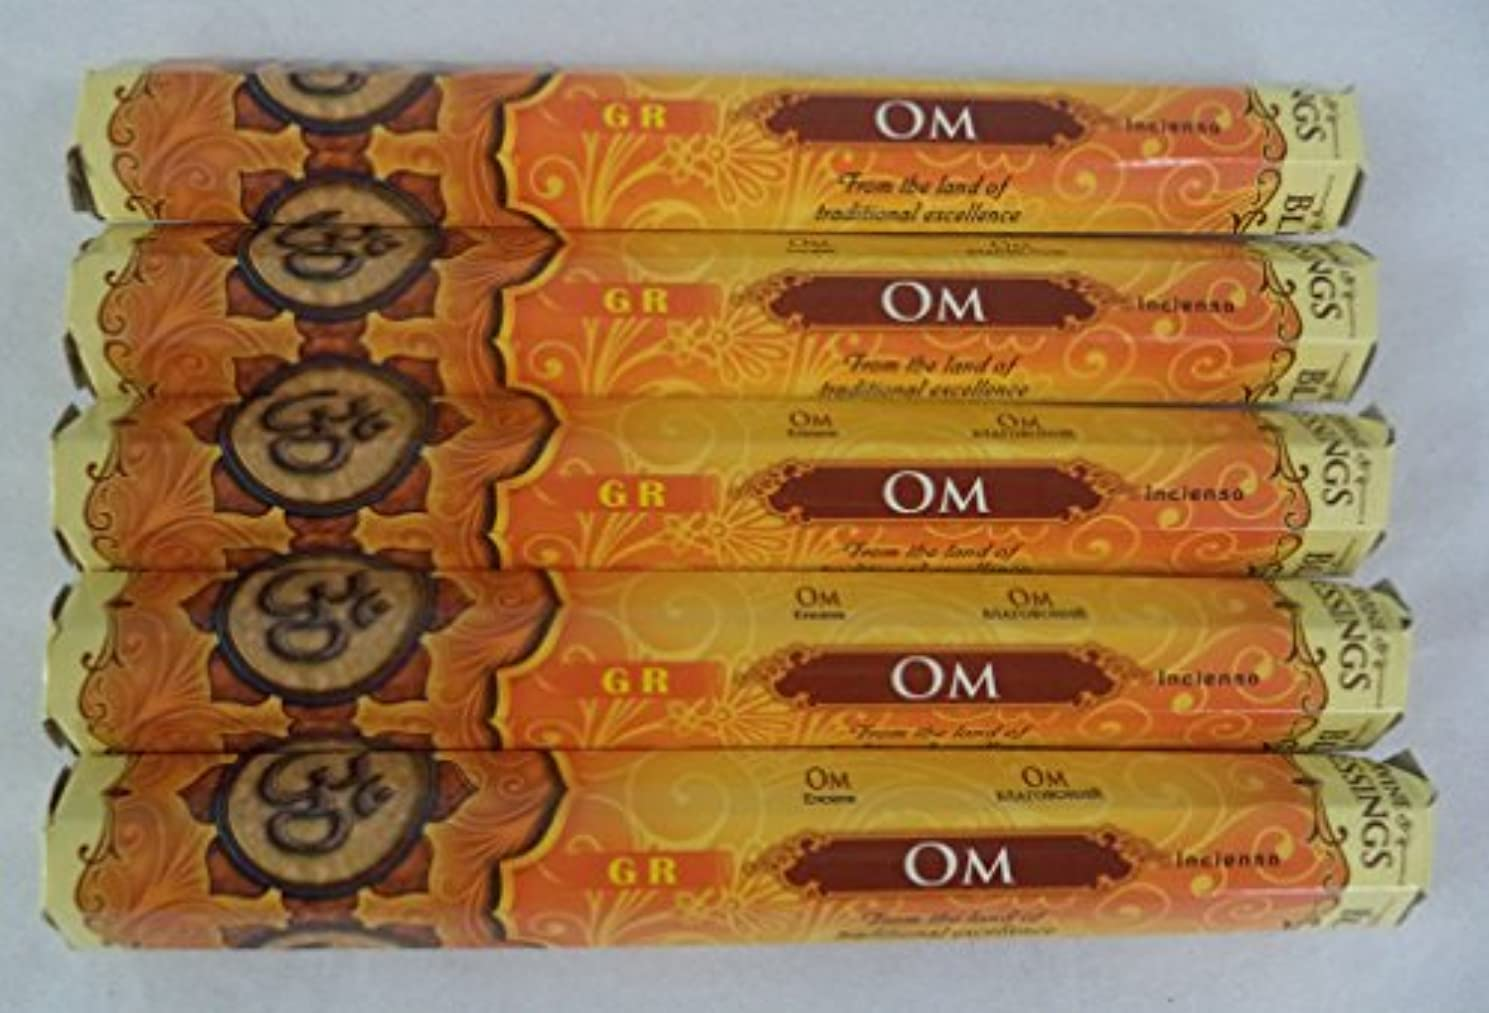 不名誉スタンド調停するOm ( Divine Blessings ) 100 Incense Sticks ( 5 x 20スティックパック) : Grブランド